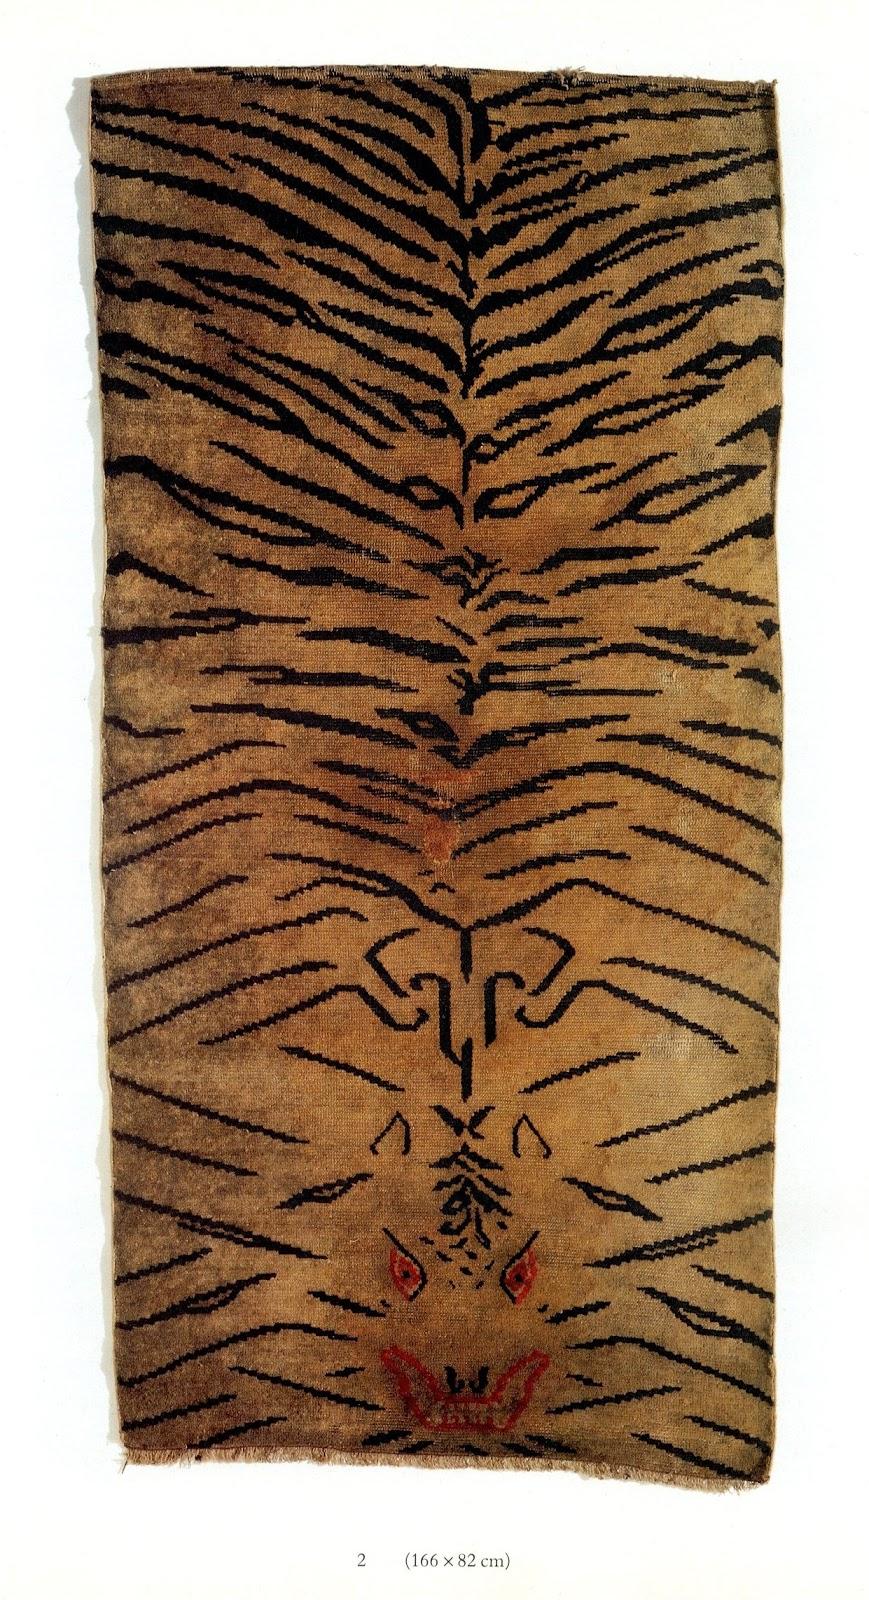 For Pilar Tibetan Tiger Rugs